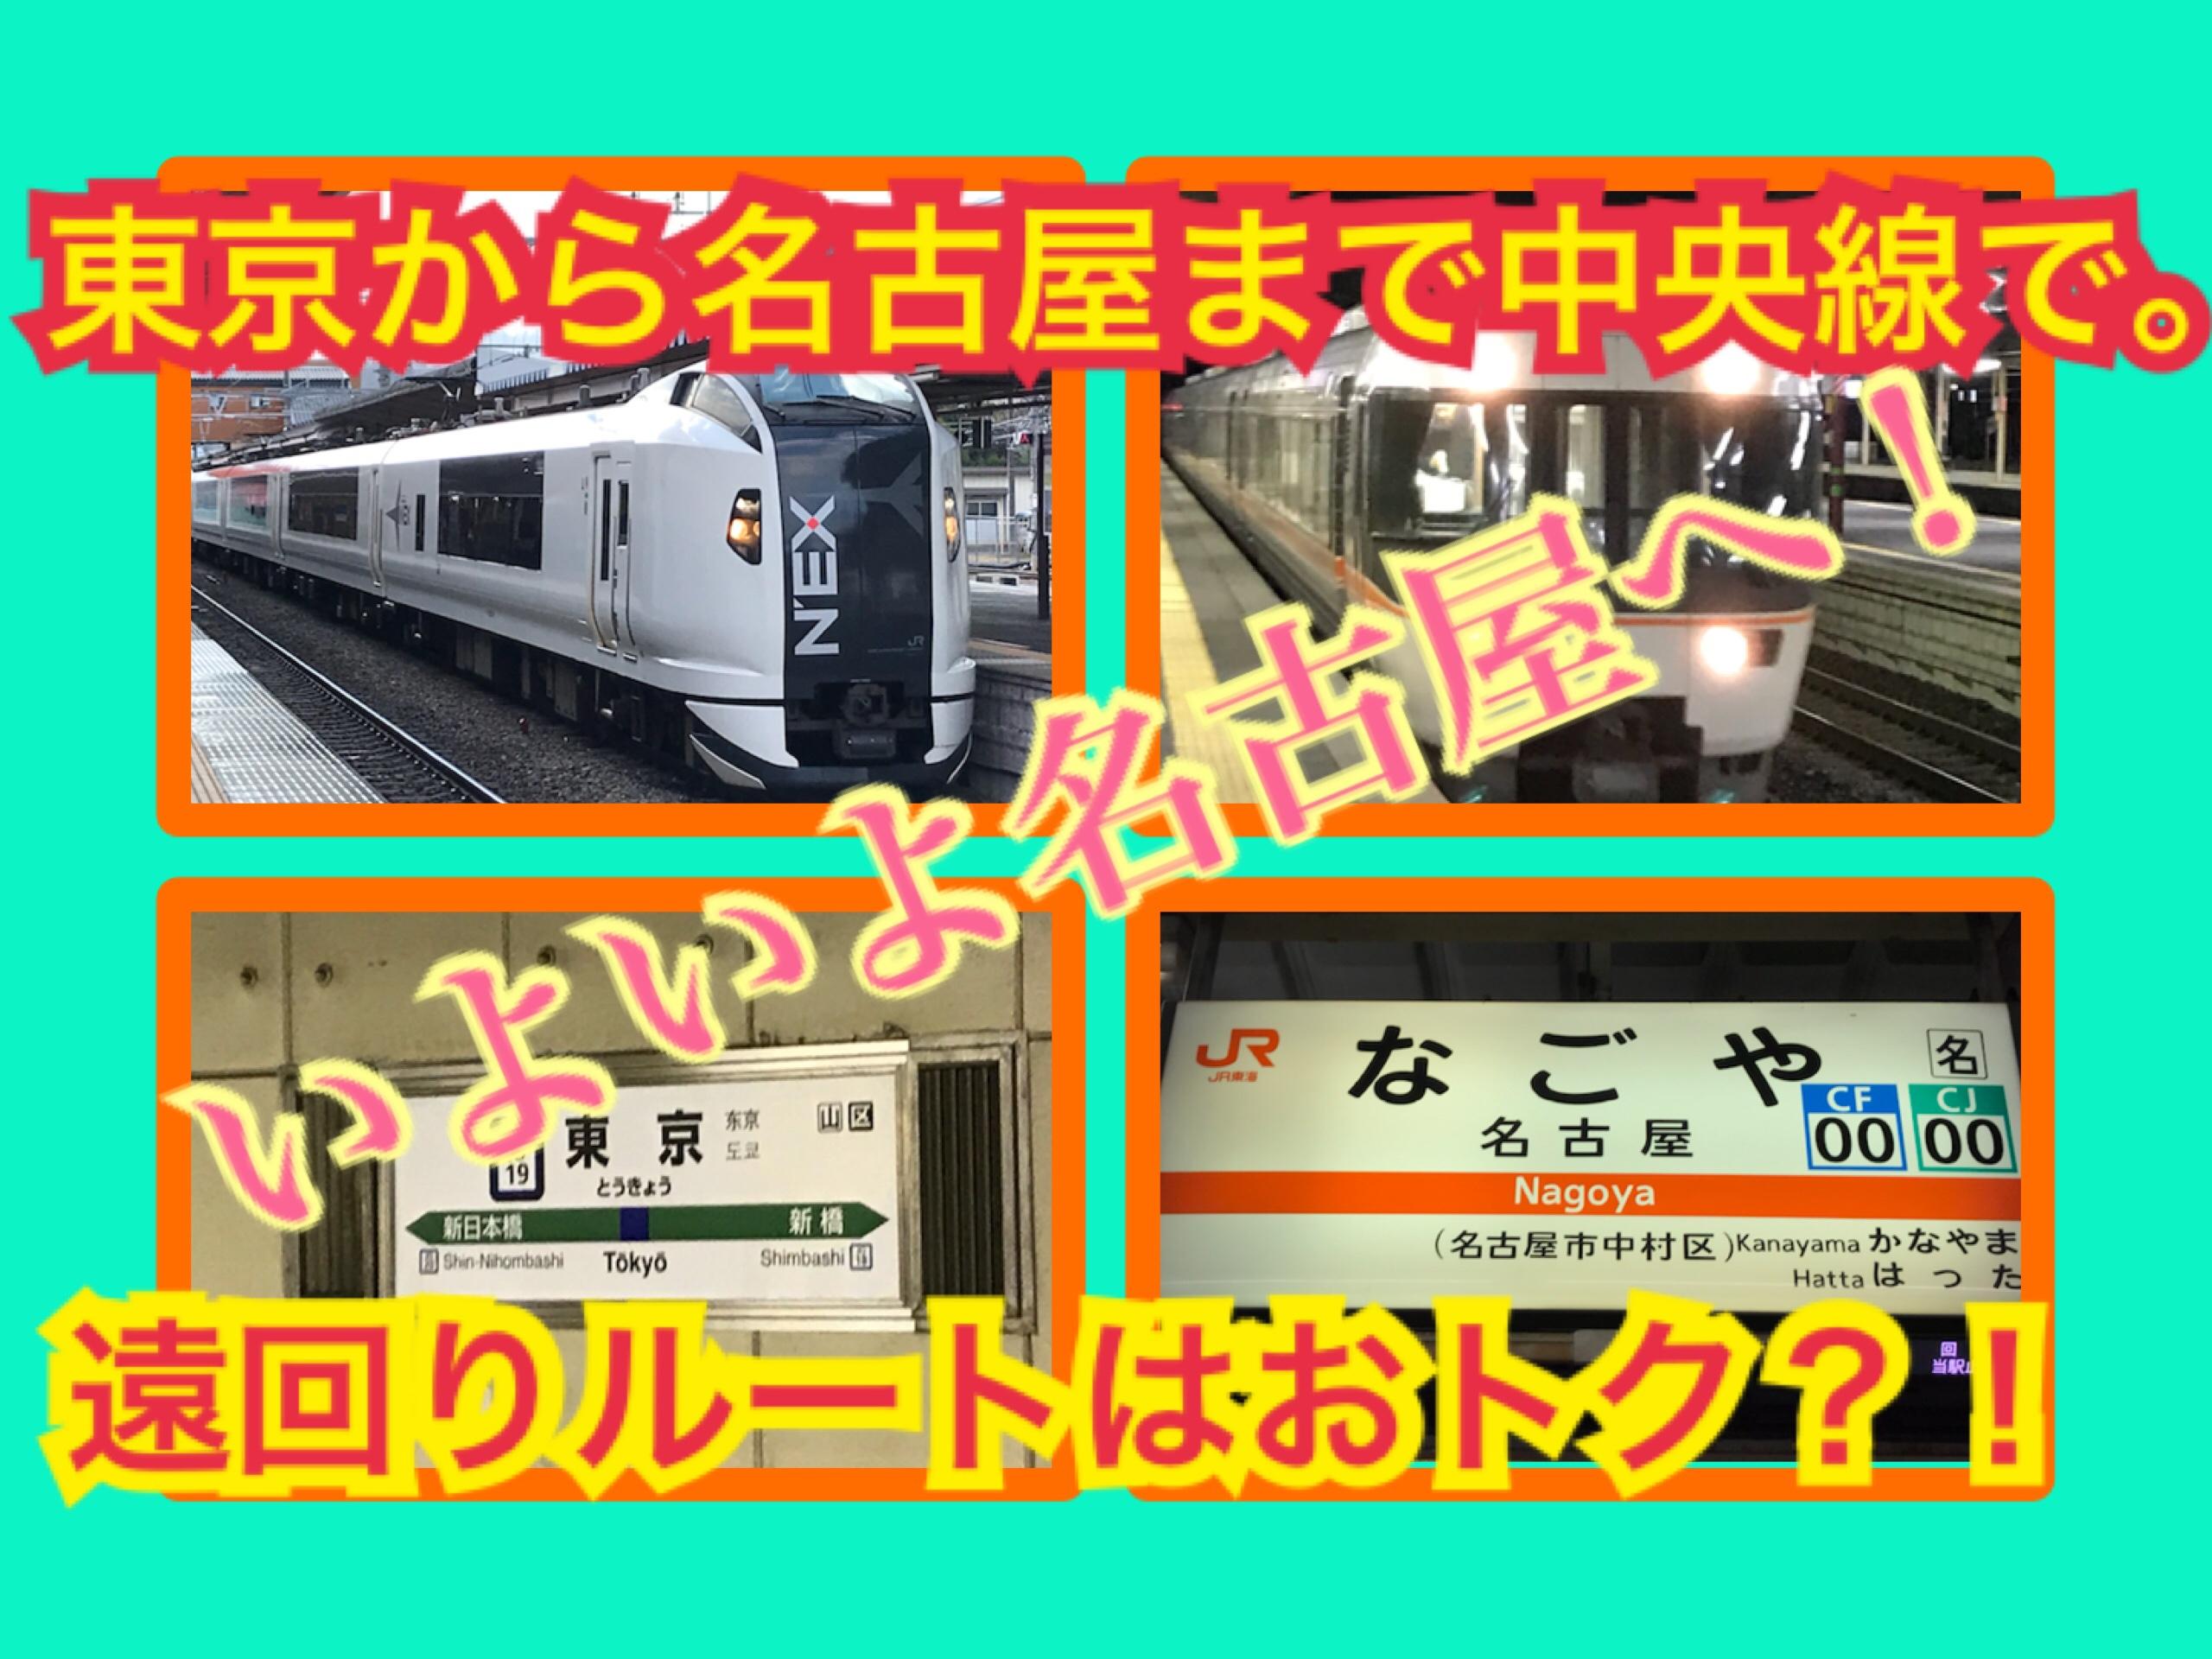 中央線で名古屋は東海道線で行くのと値段はいくら違う?【中央線特急乗継の旅】